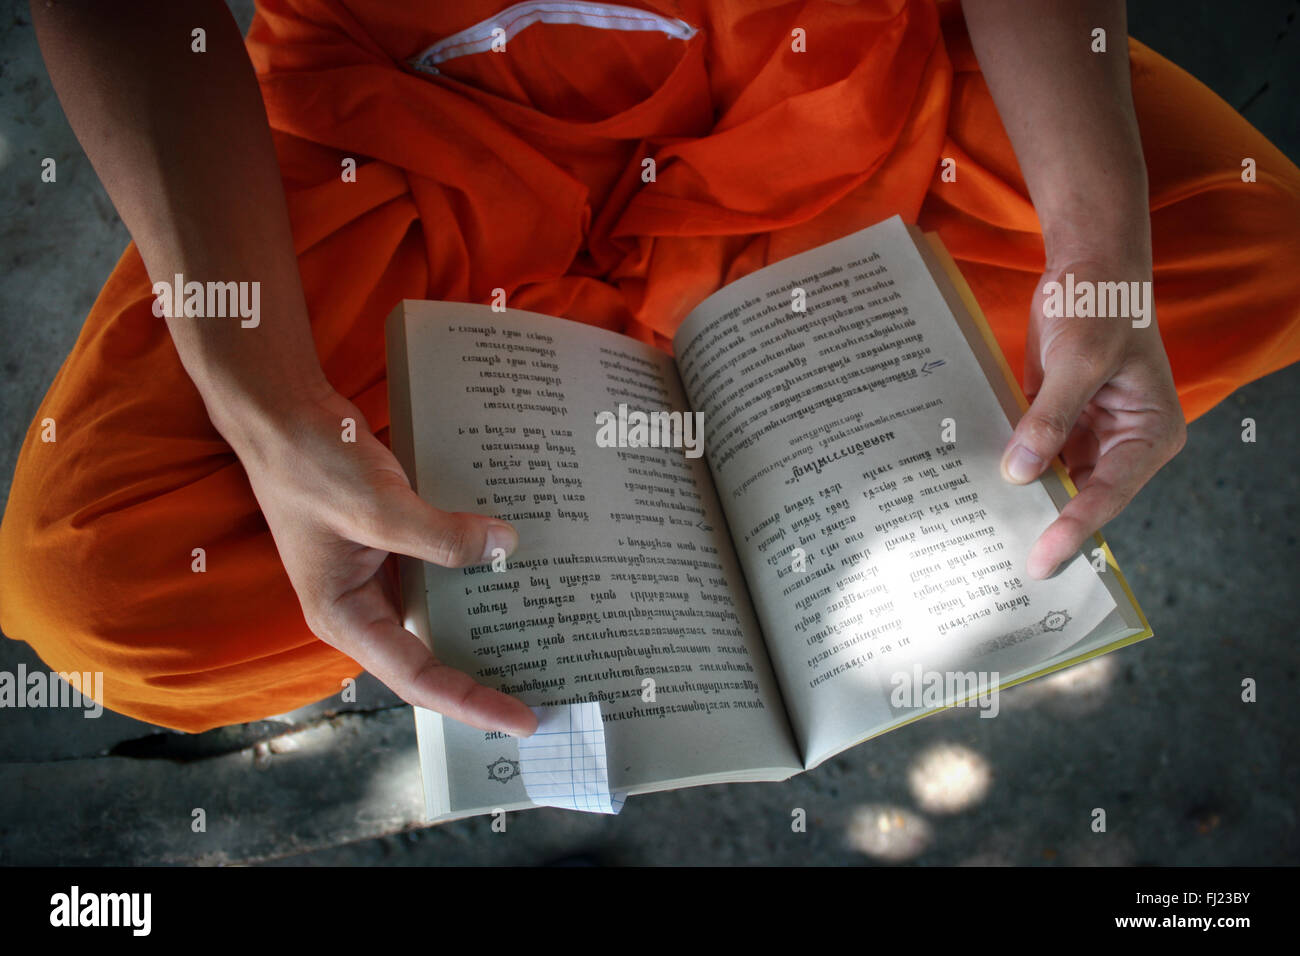 Le moine bouddhiste lecture au monastère de Luang Prabang, Laos , Asie Photo Stock